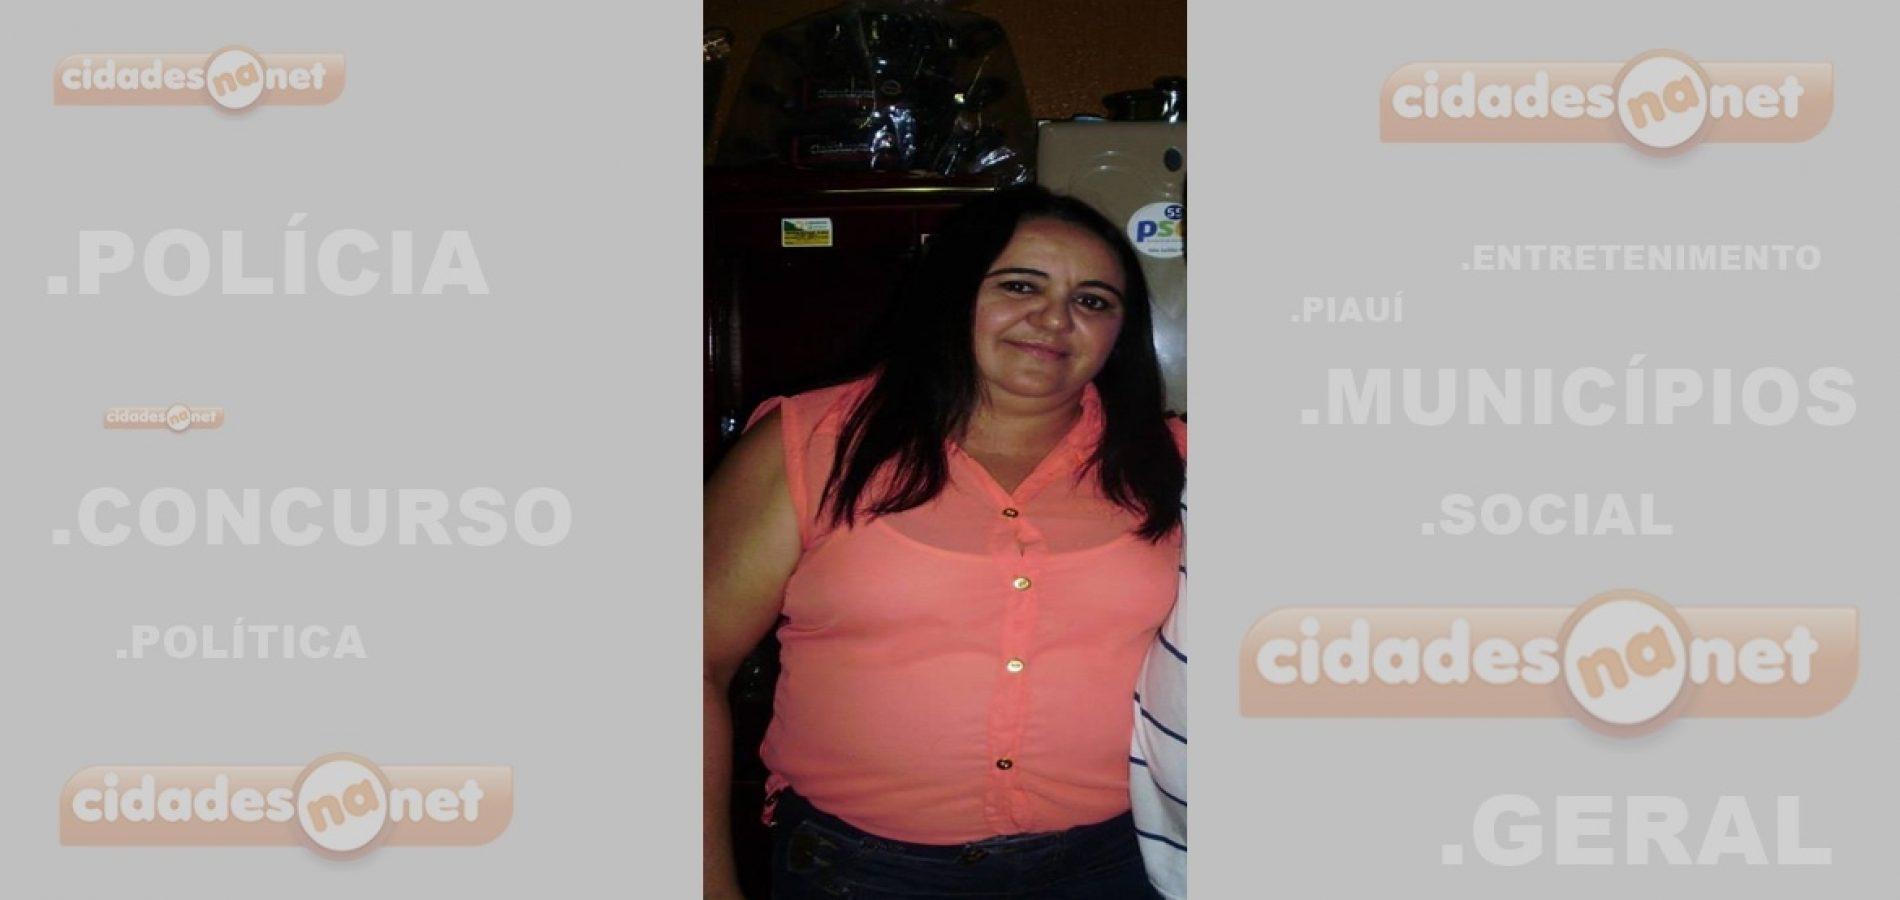 Ex-primeira-dama é encontrada morta dentro de sua residência no Piauí - Imagem 1